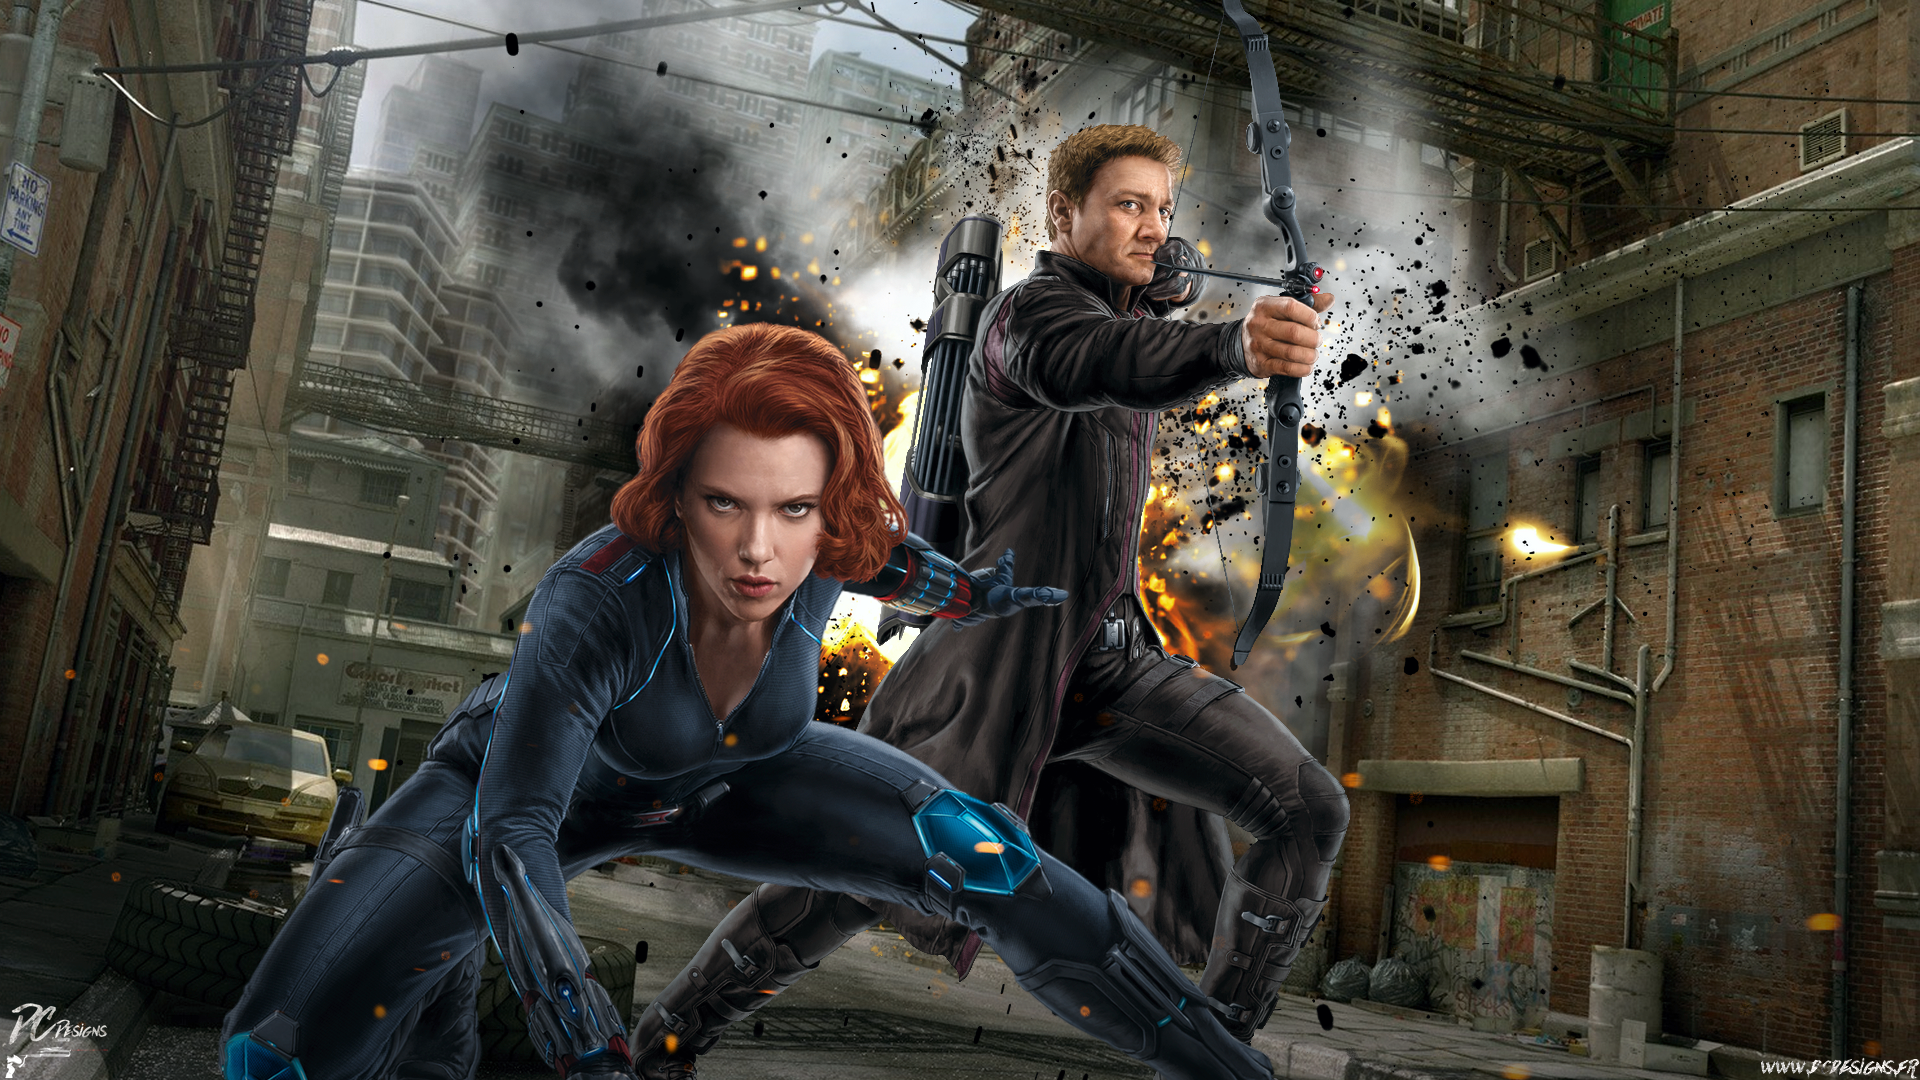 Movie - Avengers: Age of Ultron  Avengers Black Widow Hawkeye Fan Art Scarlett Johansson Wallpaper